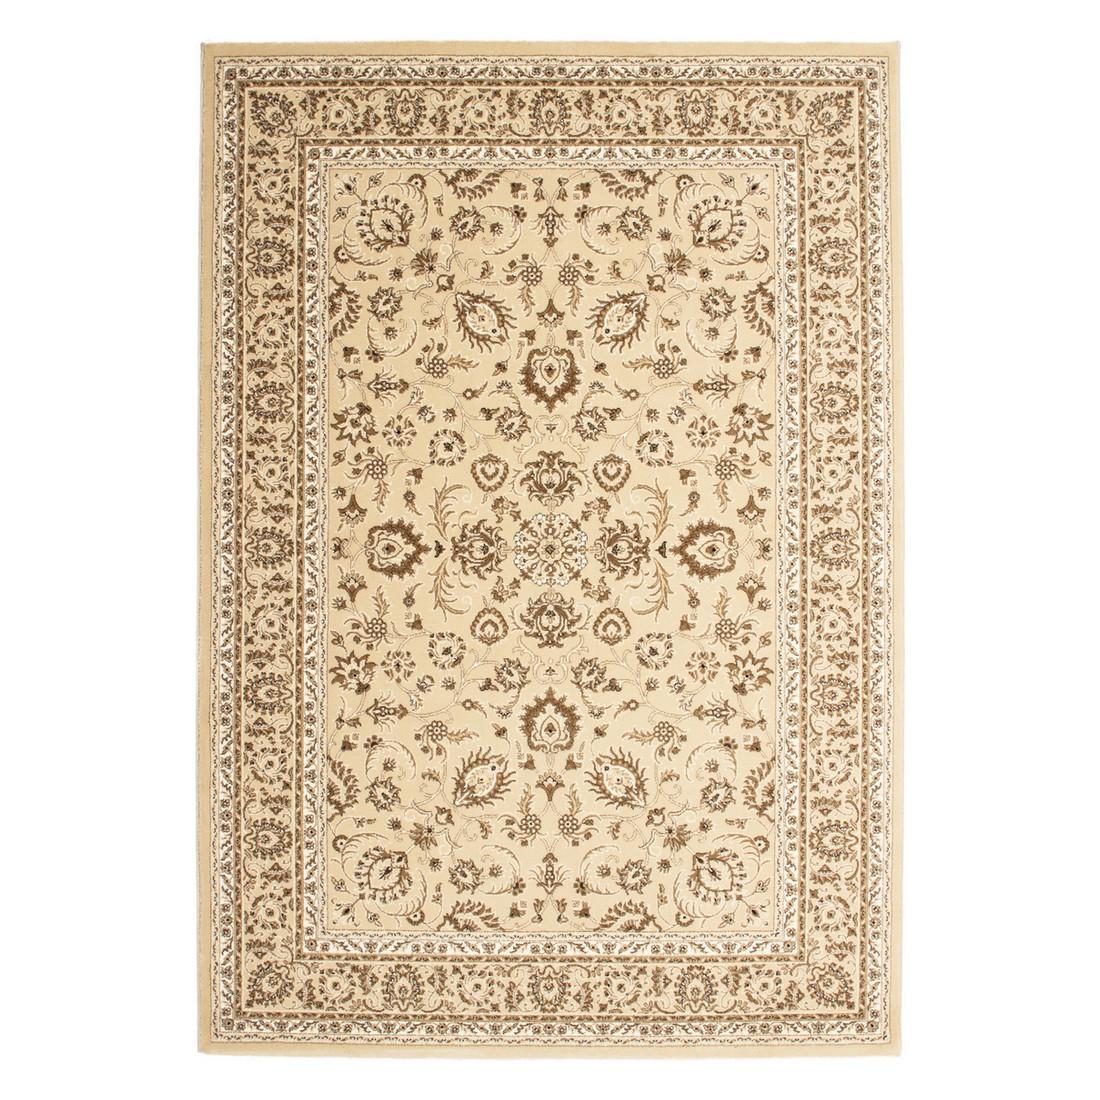 Teppich Sultan II – Creme – 80 x 150 cm, Obsession online kaufen